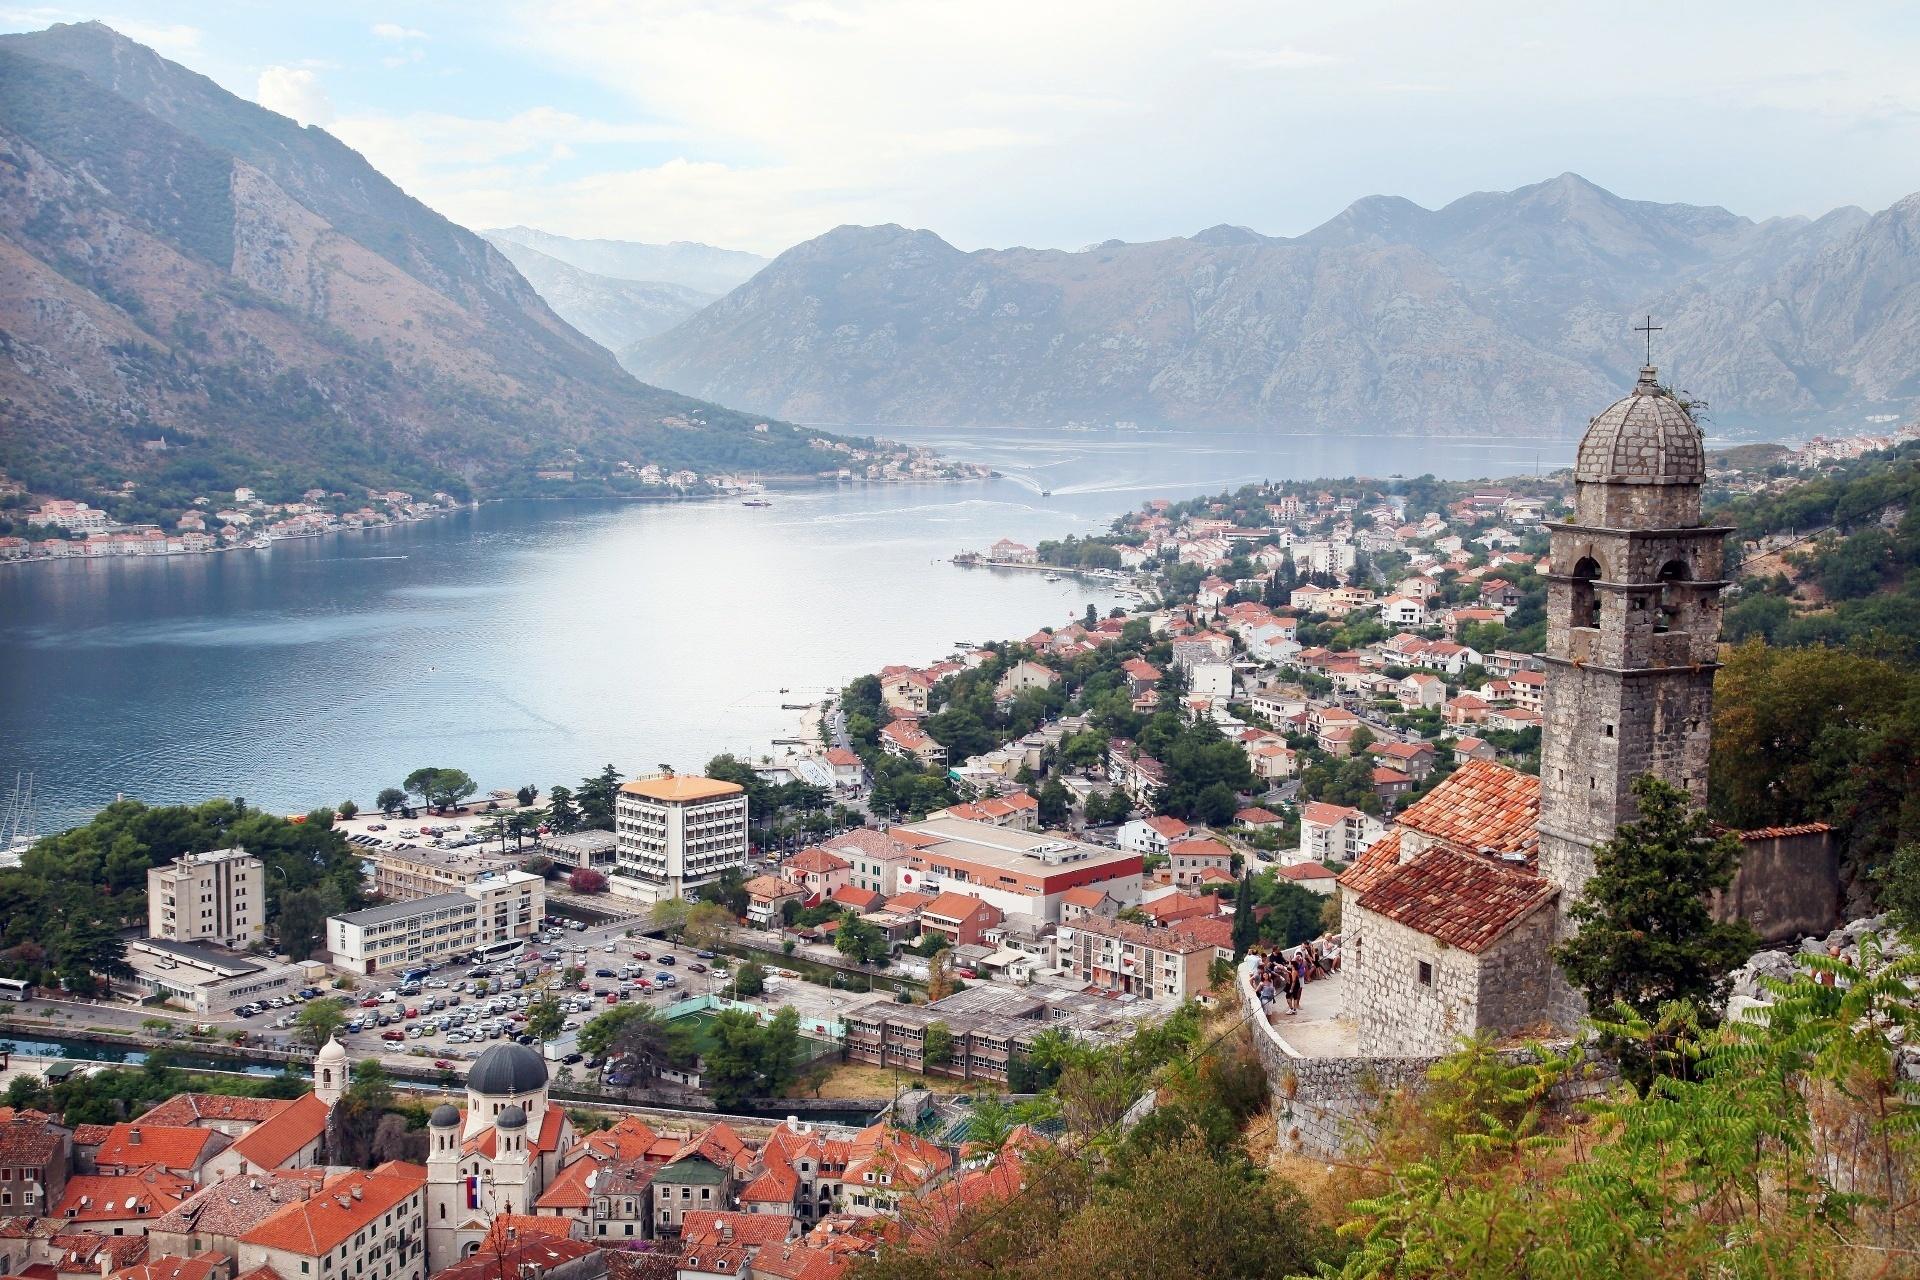 ロブチェン山から見るコトルの町並み モンテネグロの風景